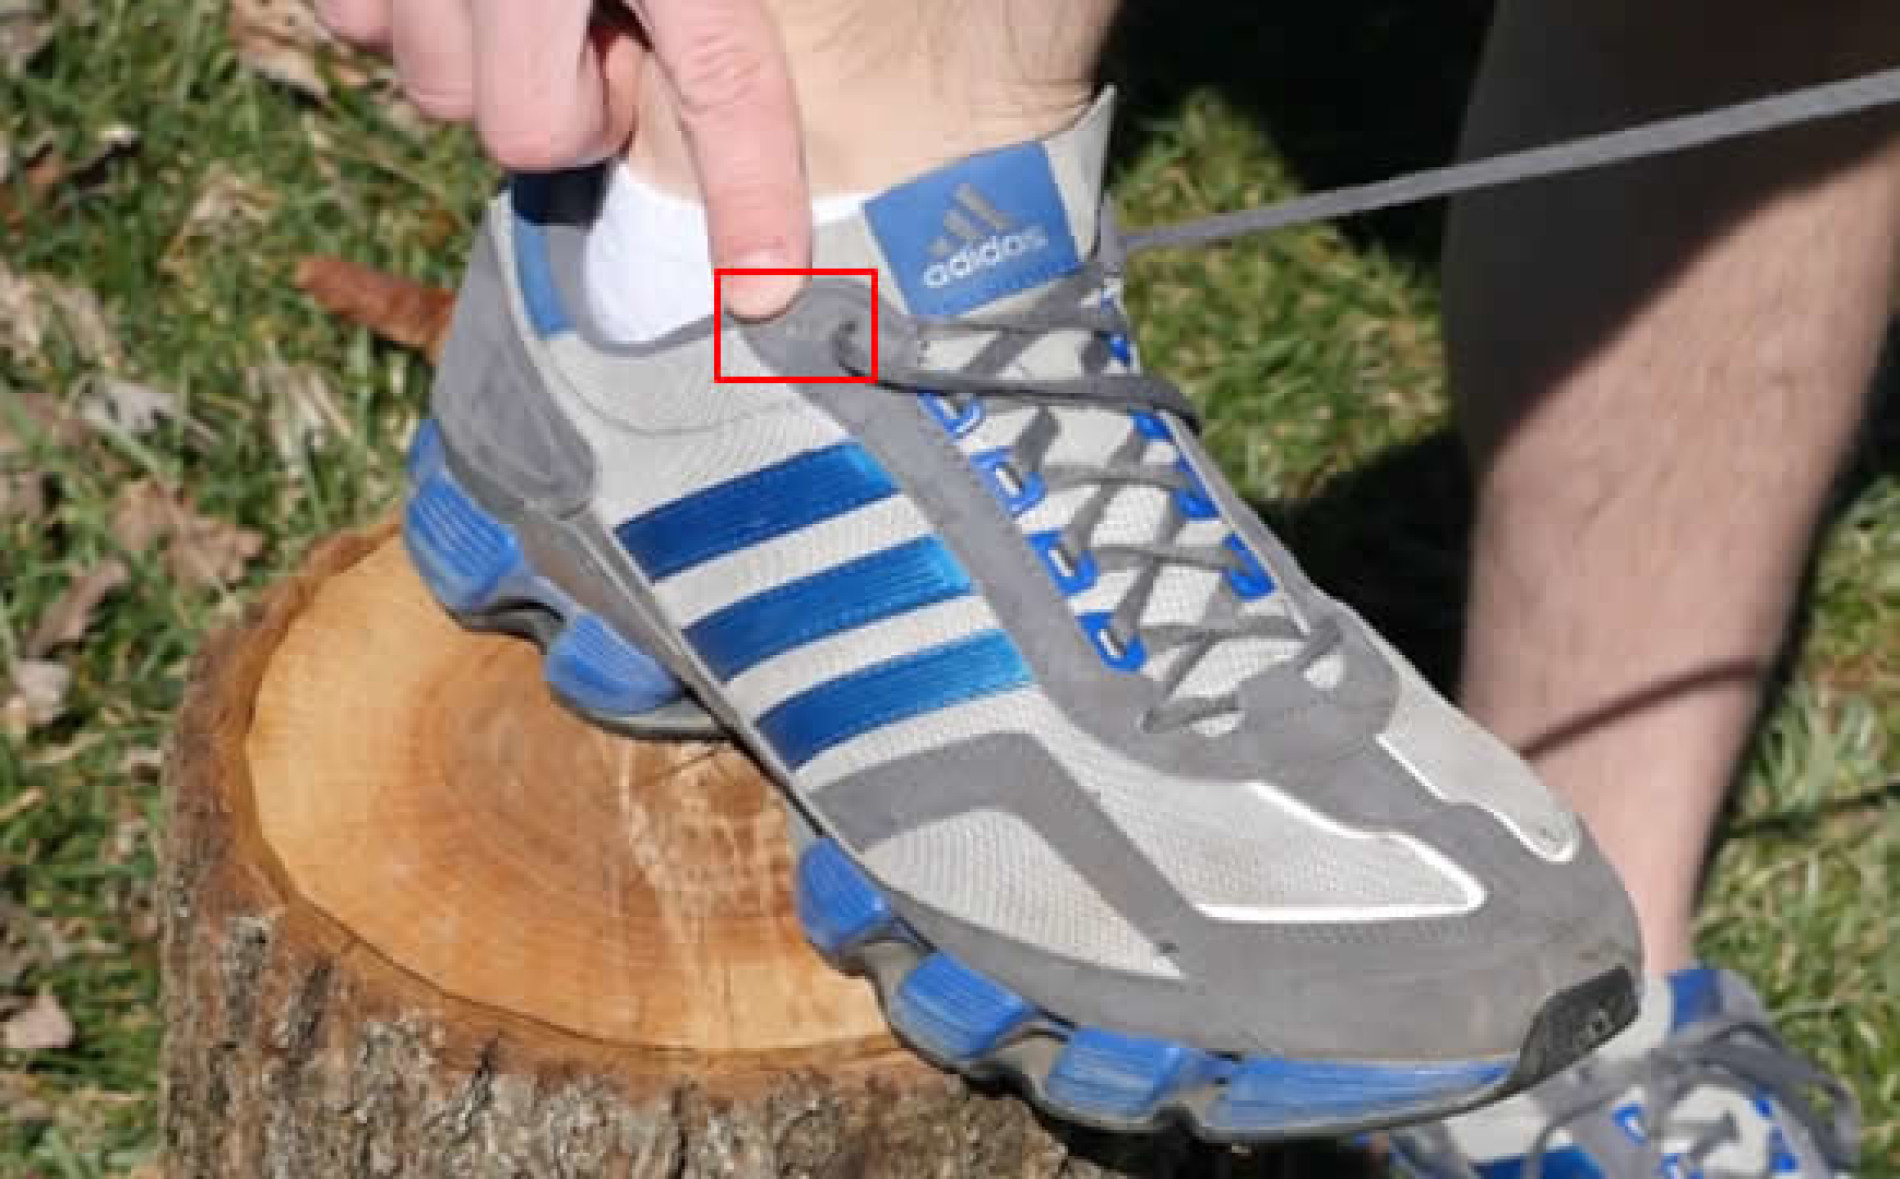 Para que serve o furo de cadarço extra no tênis?